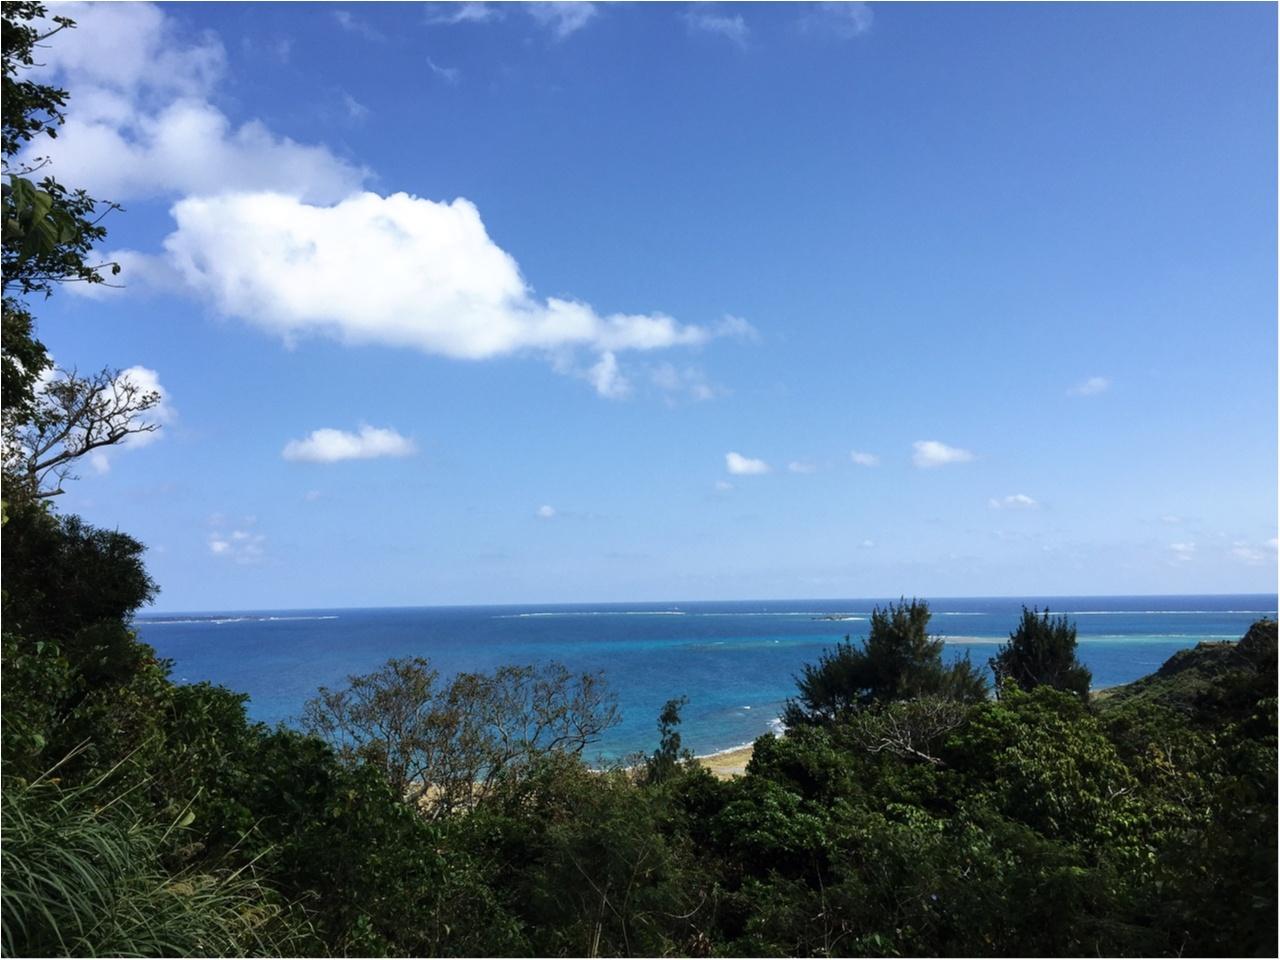 《沖縄旅行》沖縄でパワースポット巡りをするなら…斎場御嶽(せーふぁうたき)へ!_3